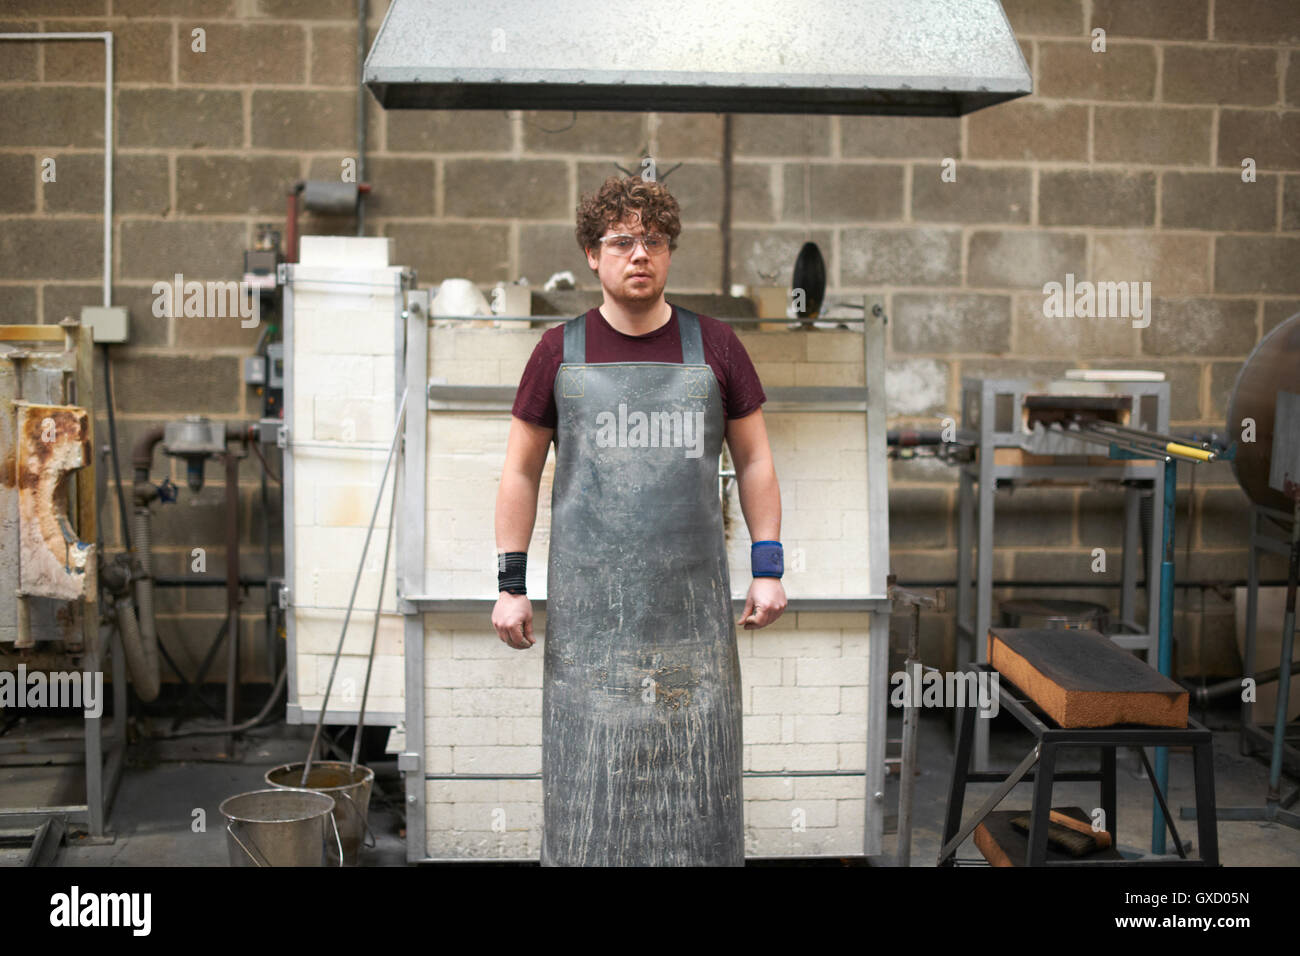 Portrait of glassblower in workshop wearing apron - Stock Image